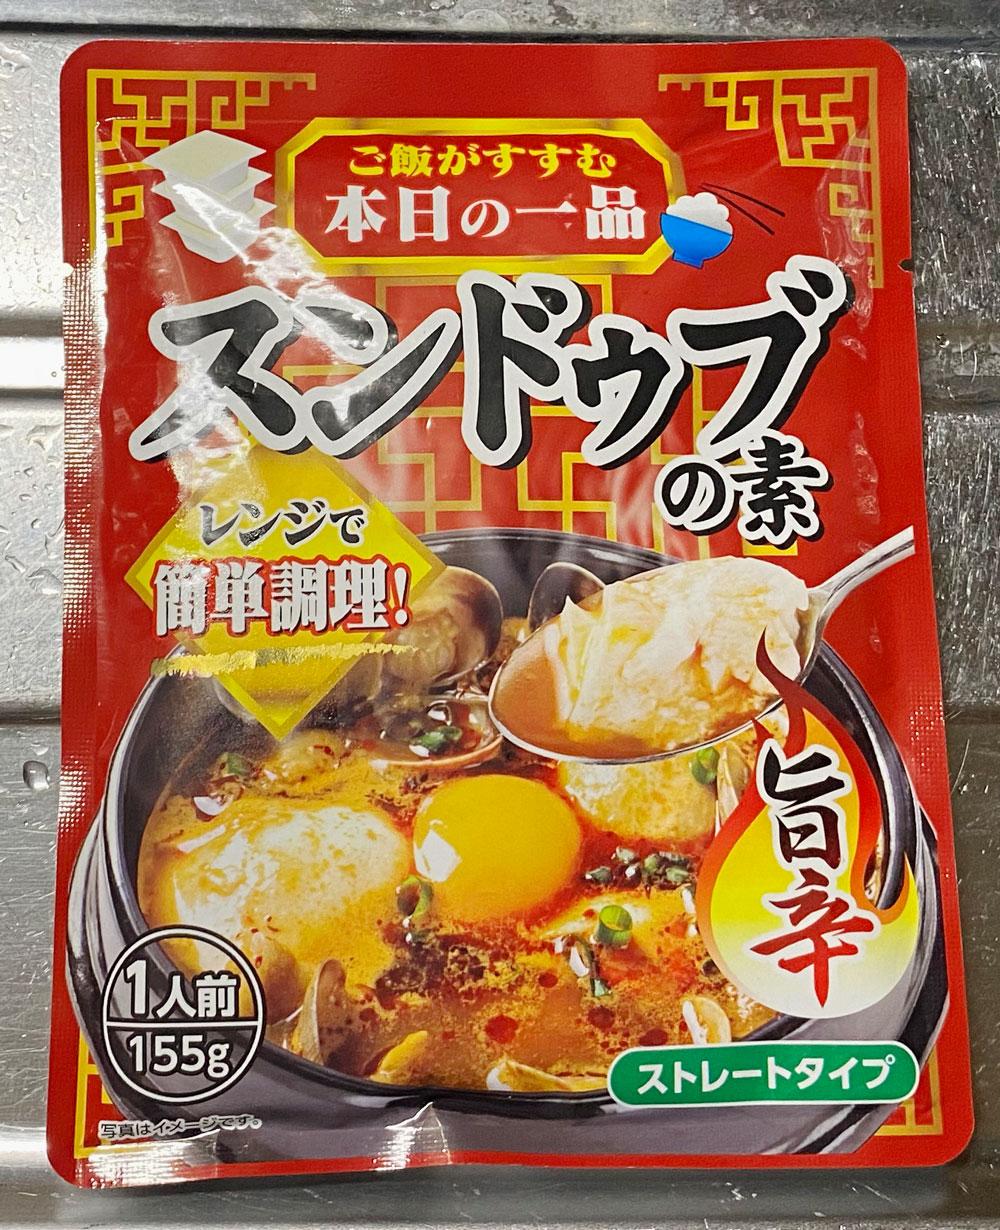 大地を守る会の野菜で料理を作る(スンドゥブスープ)